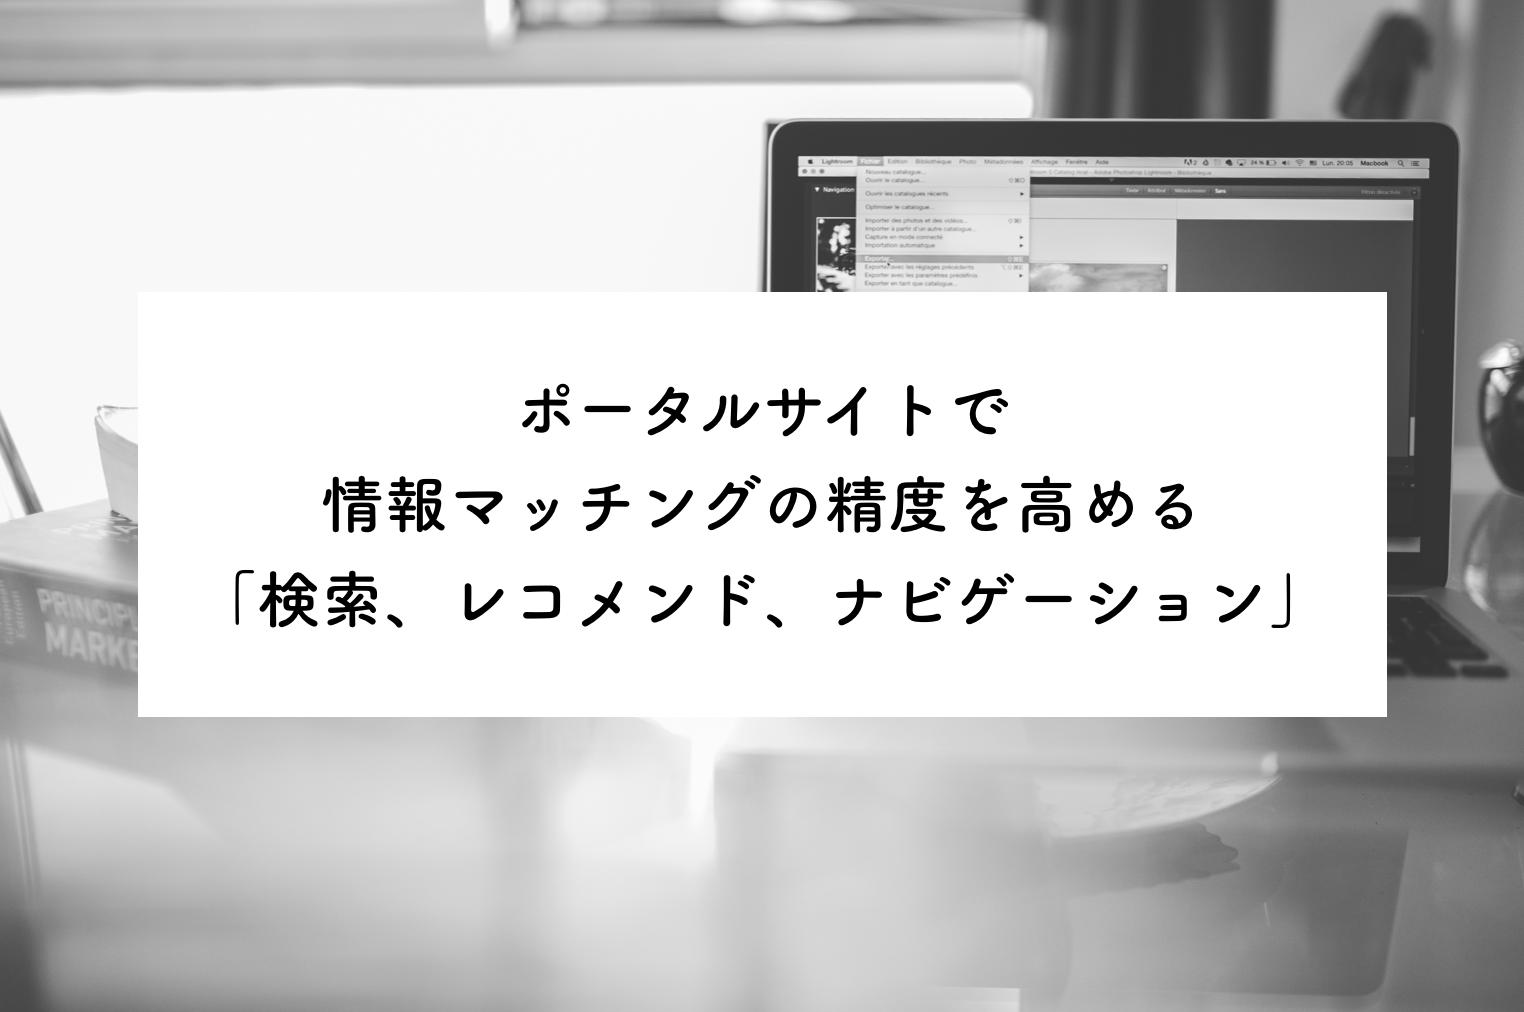 ポータルサイトの3大技術「検索、ナビゲーション、レコメンド」